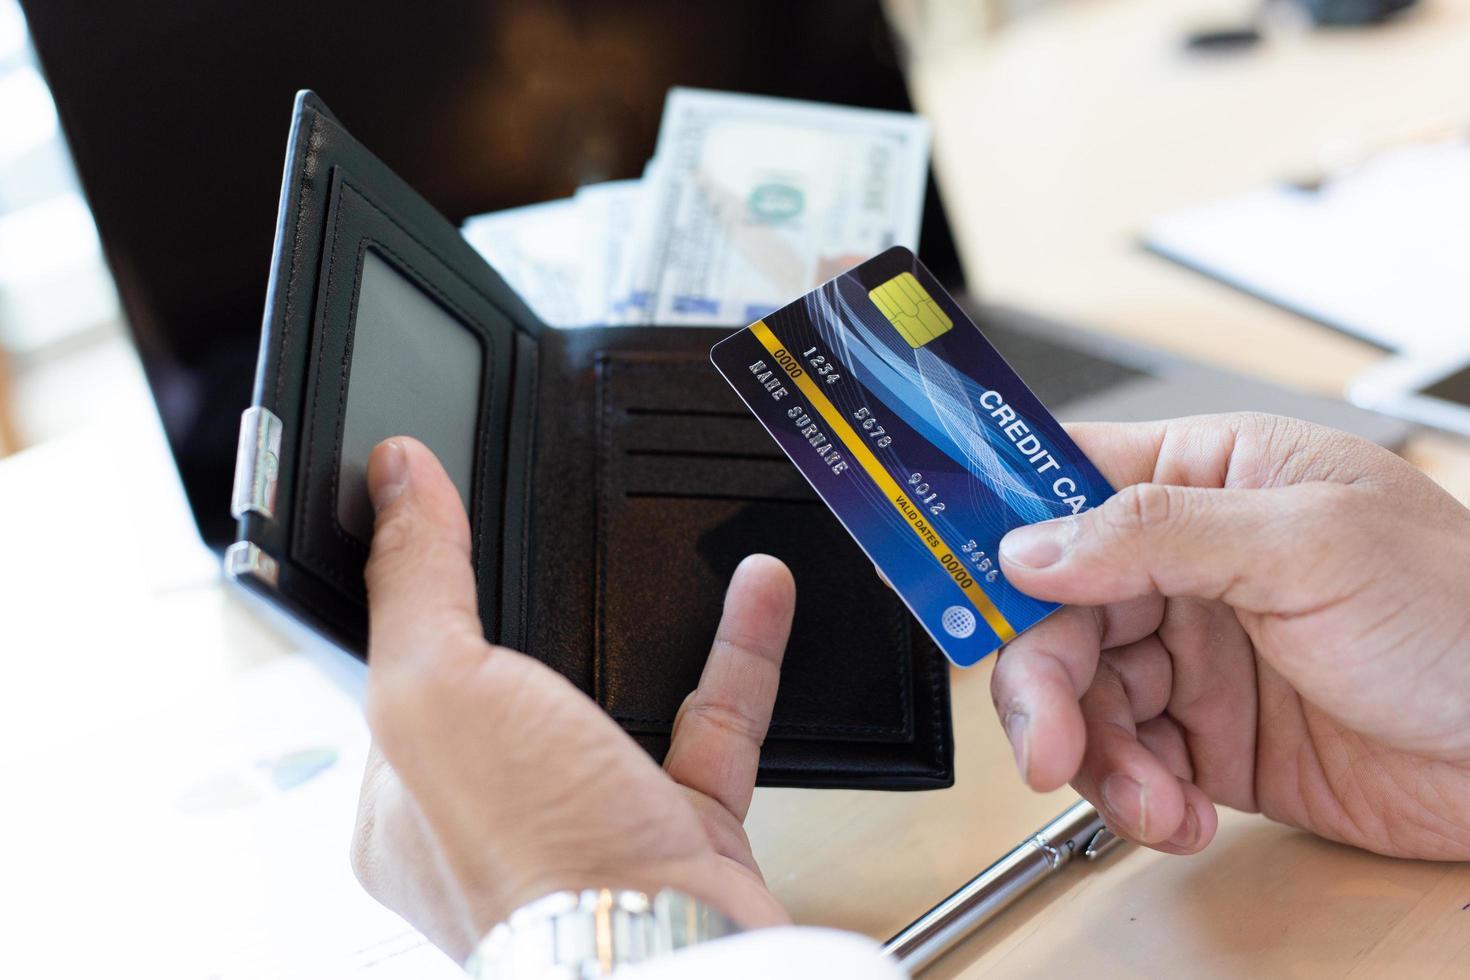 finansperson som använder kreditkort på jobbet foto